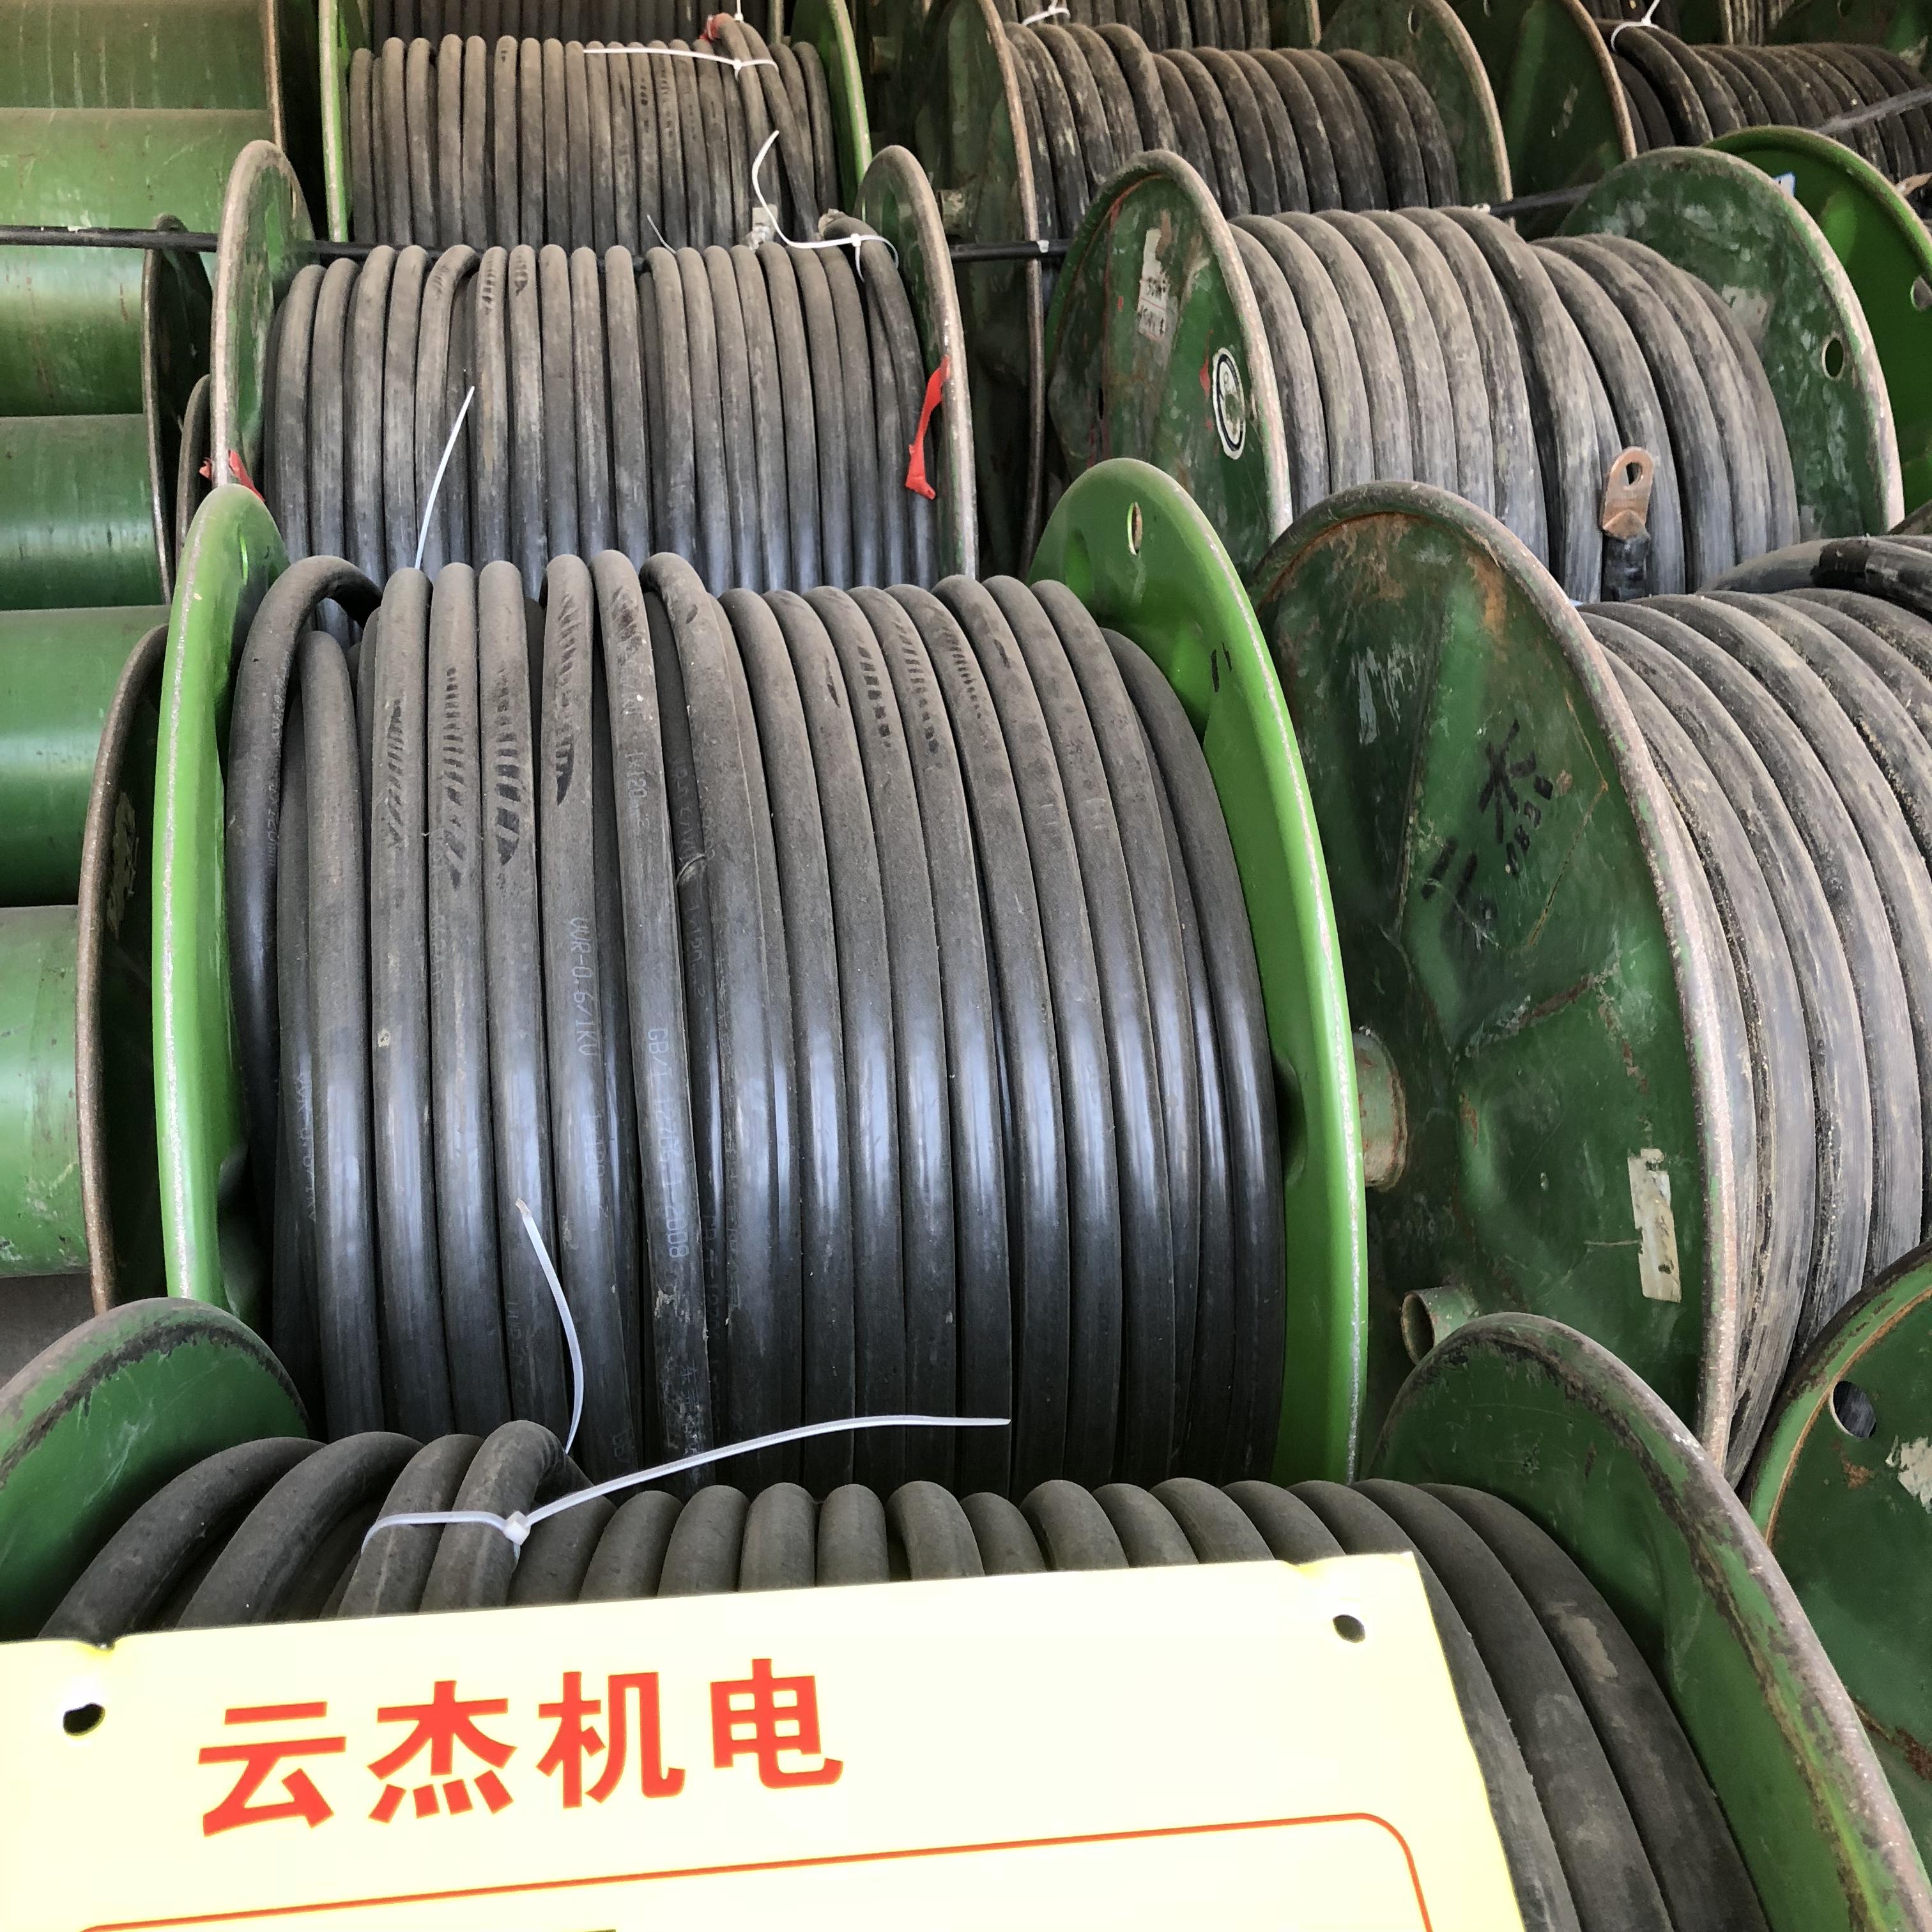 三亚电缆240租赁_三亚租临时电缆+安装服务_95平120平150平185平240平方   三亚电缆出租